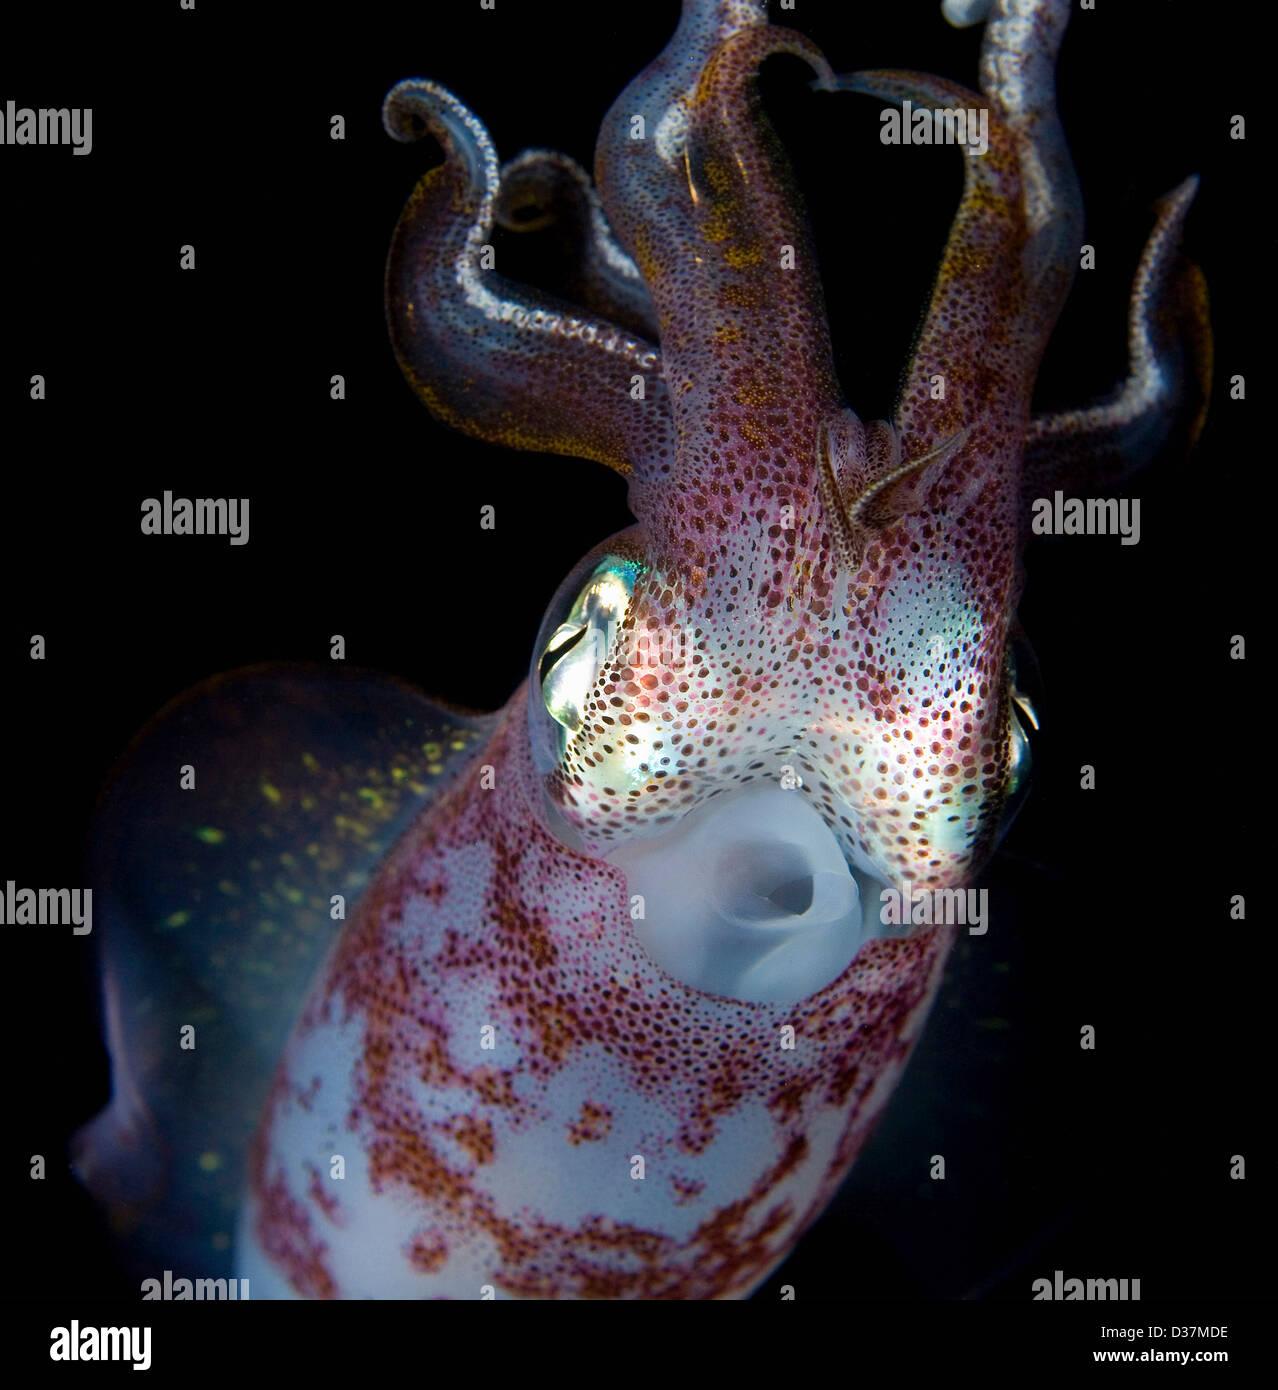 Nahaufnahme von Squid unter Wasser in der Nacht Stockbild